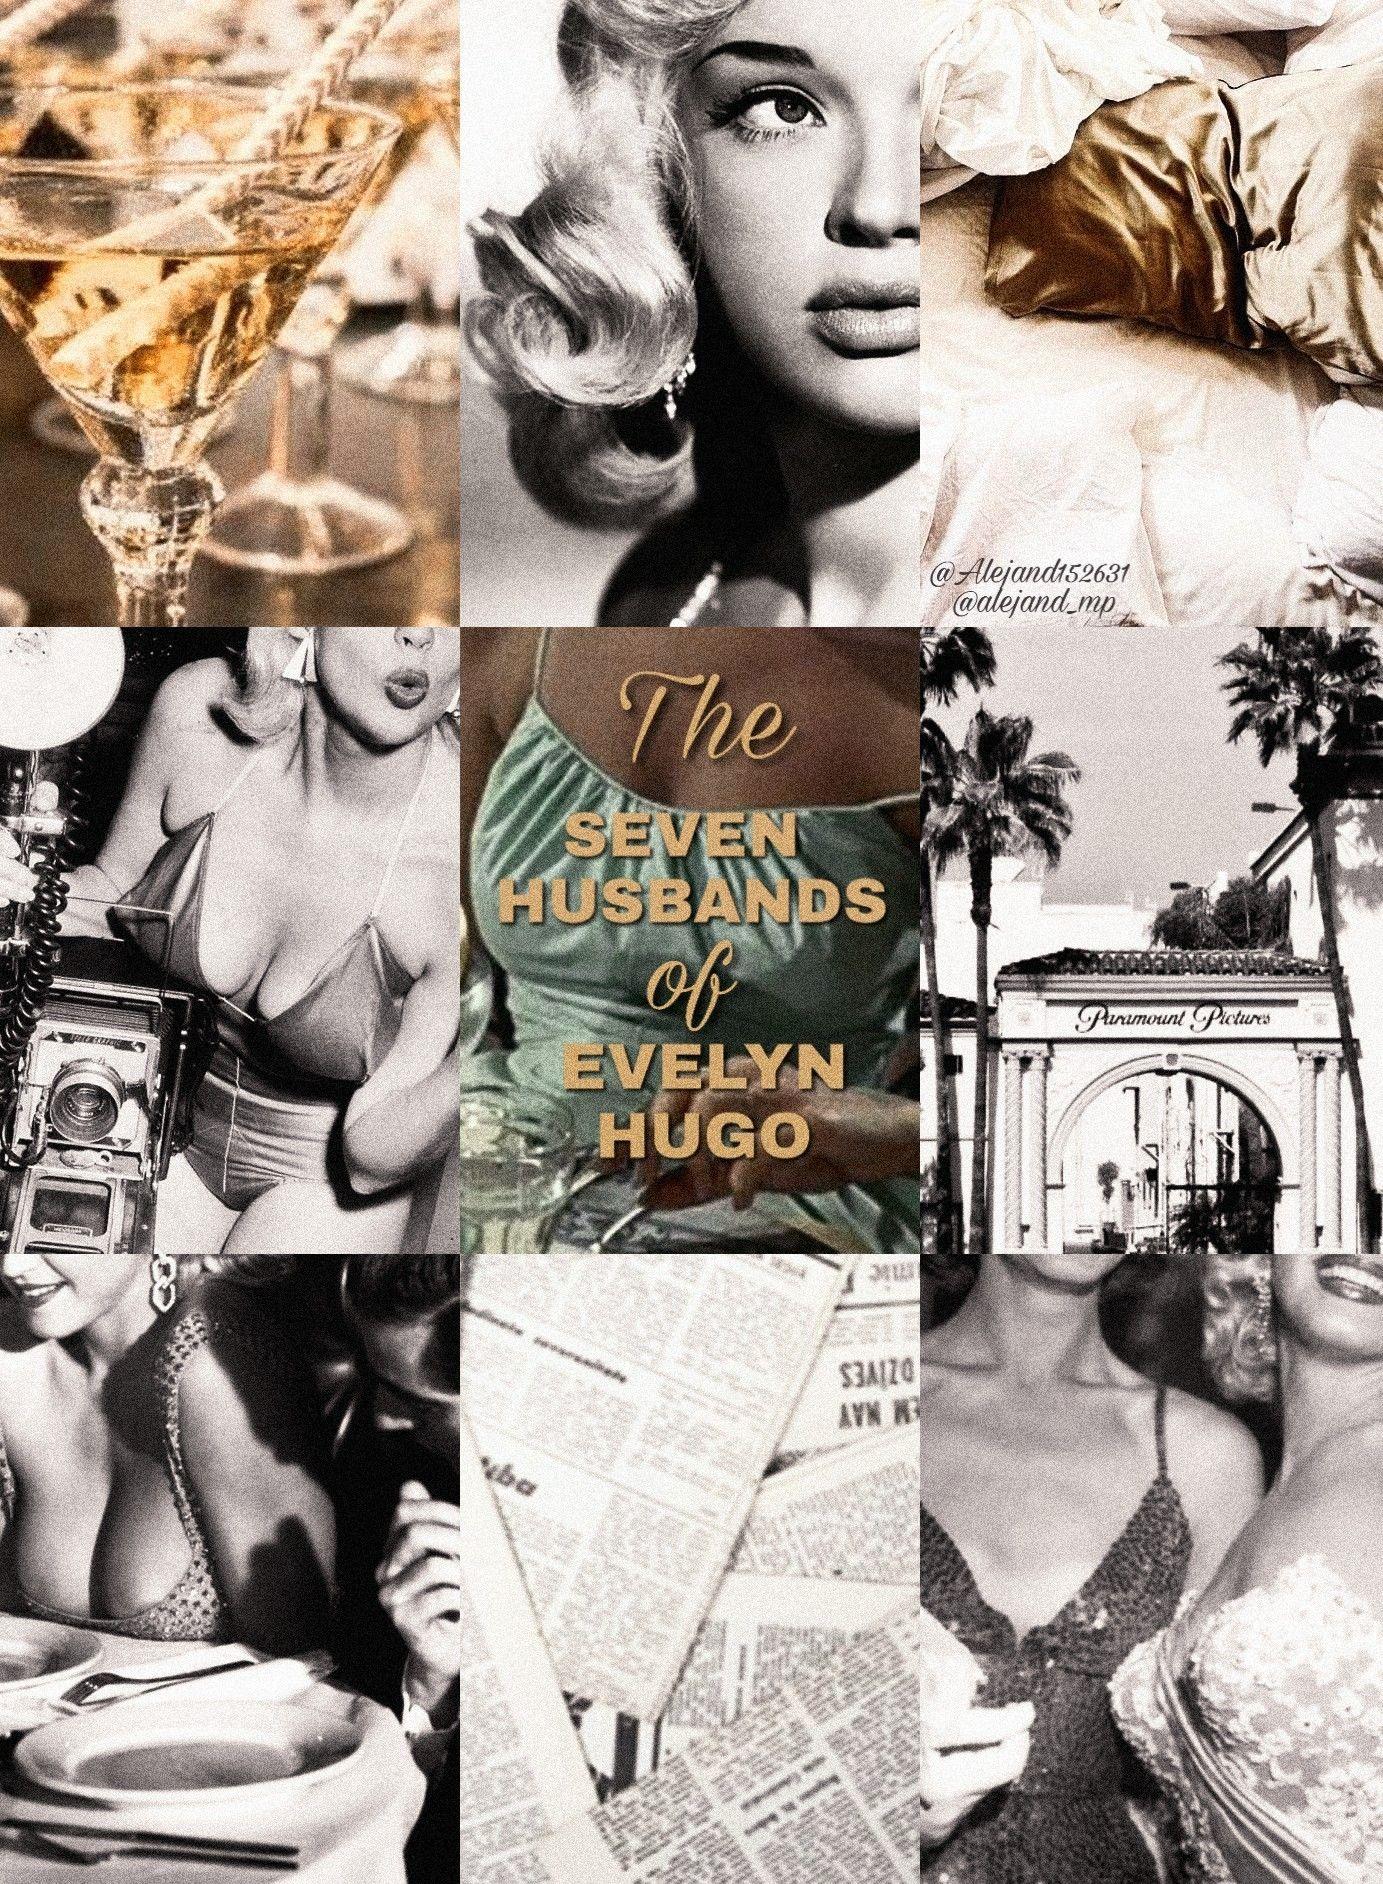 The Seven Husbands Of Evelyn Hugo Los Siete Maridos De Evelyn Hugo Personagens De Livros Fotos Legais Fotos